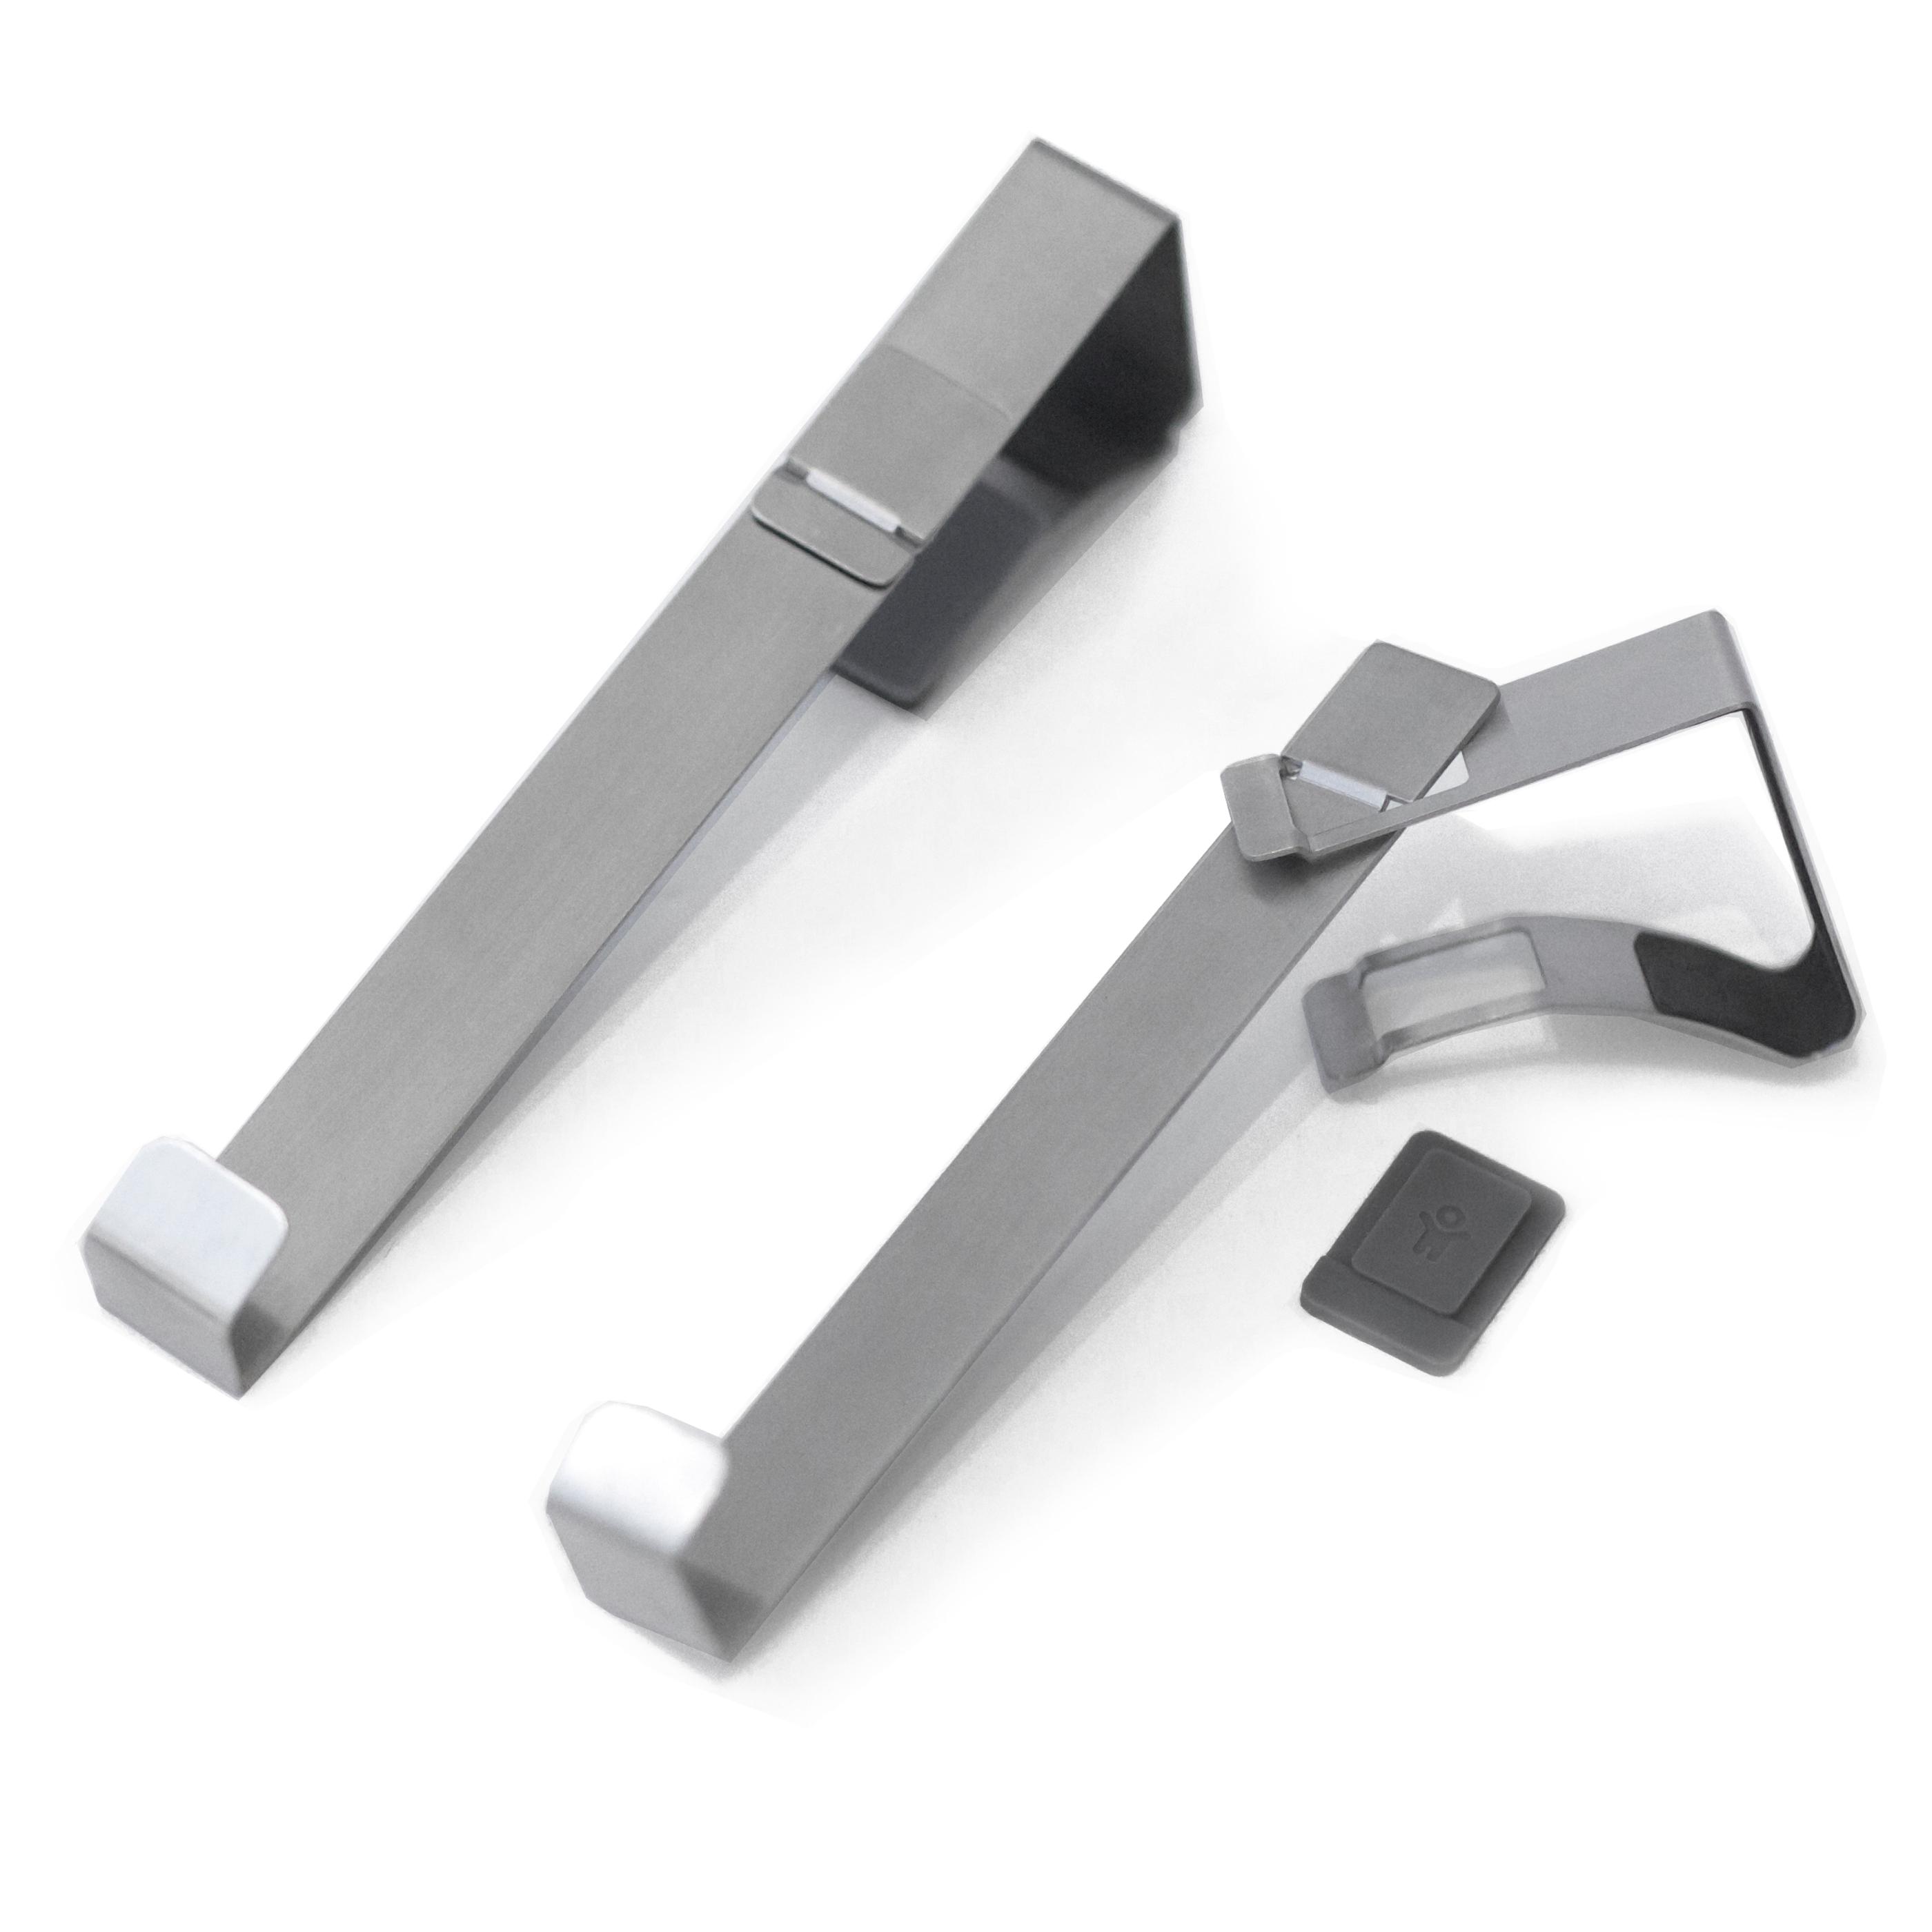 Hängareöver dörren Smart Hooks Enkelkrok Borstat rostfritt stål Bo